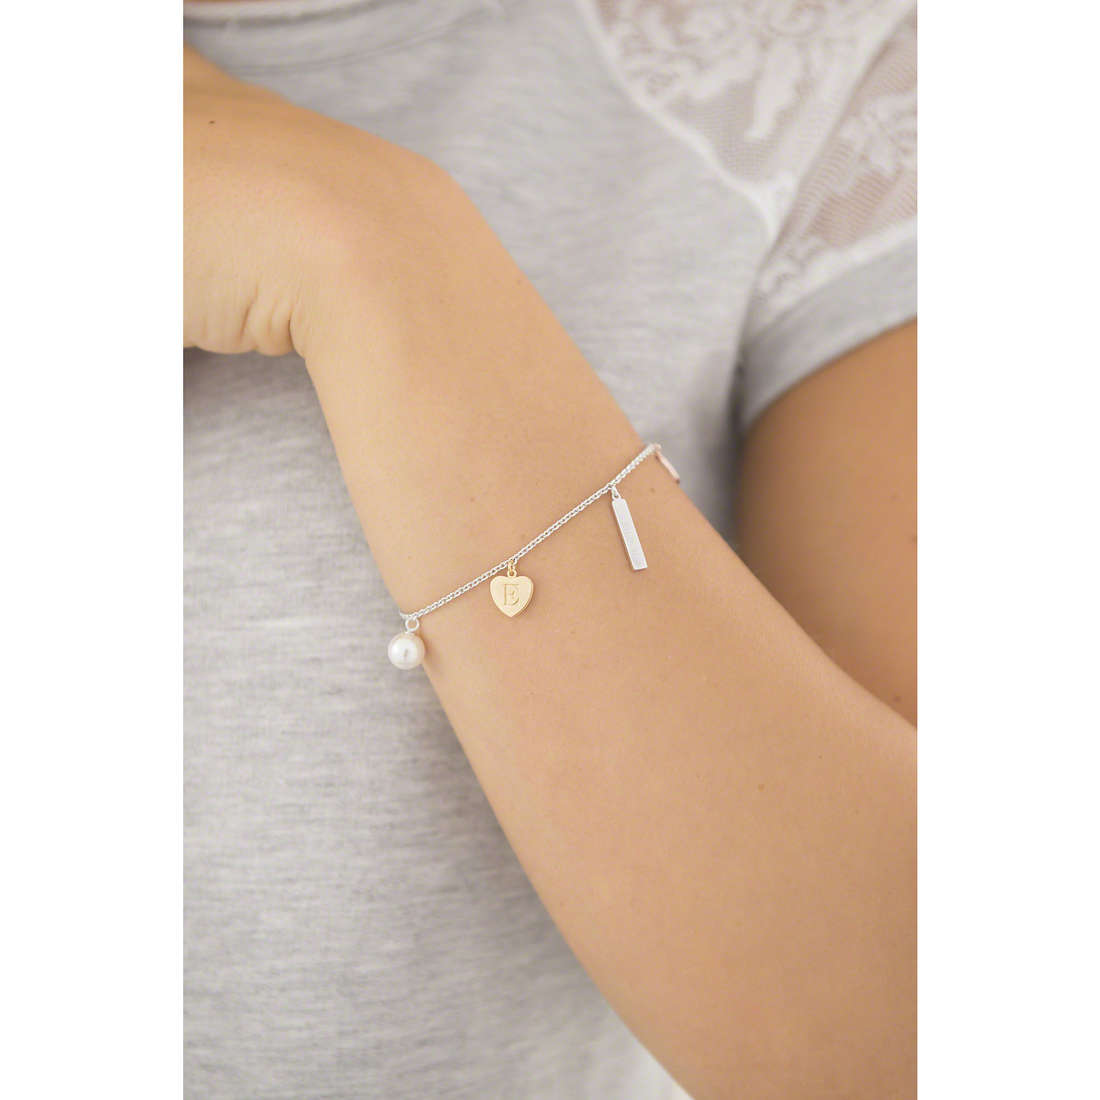 Emporio Armani bracciali donna EG3311040 indosso